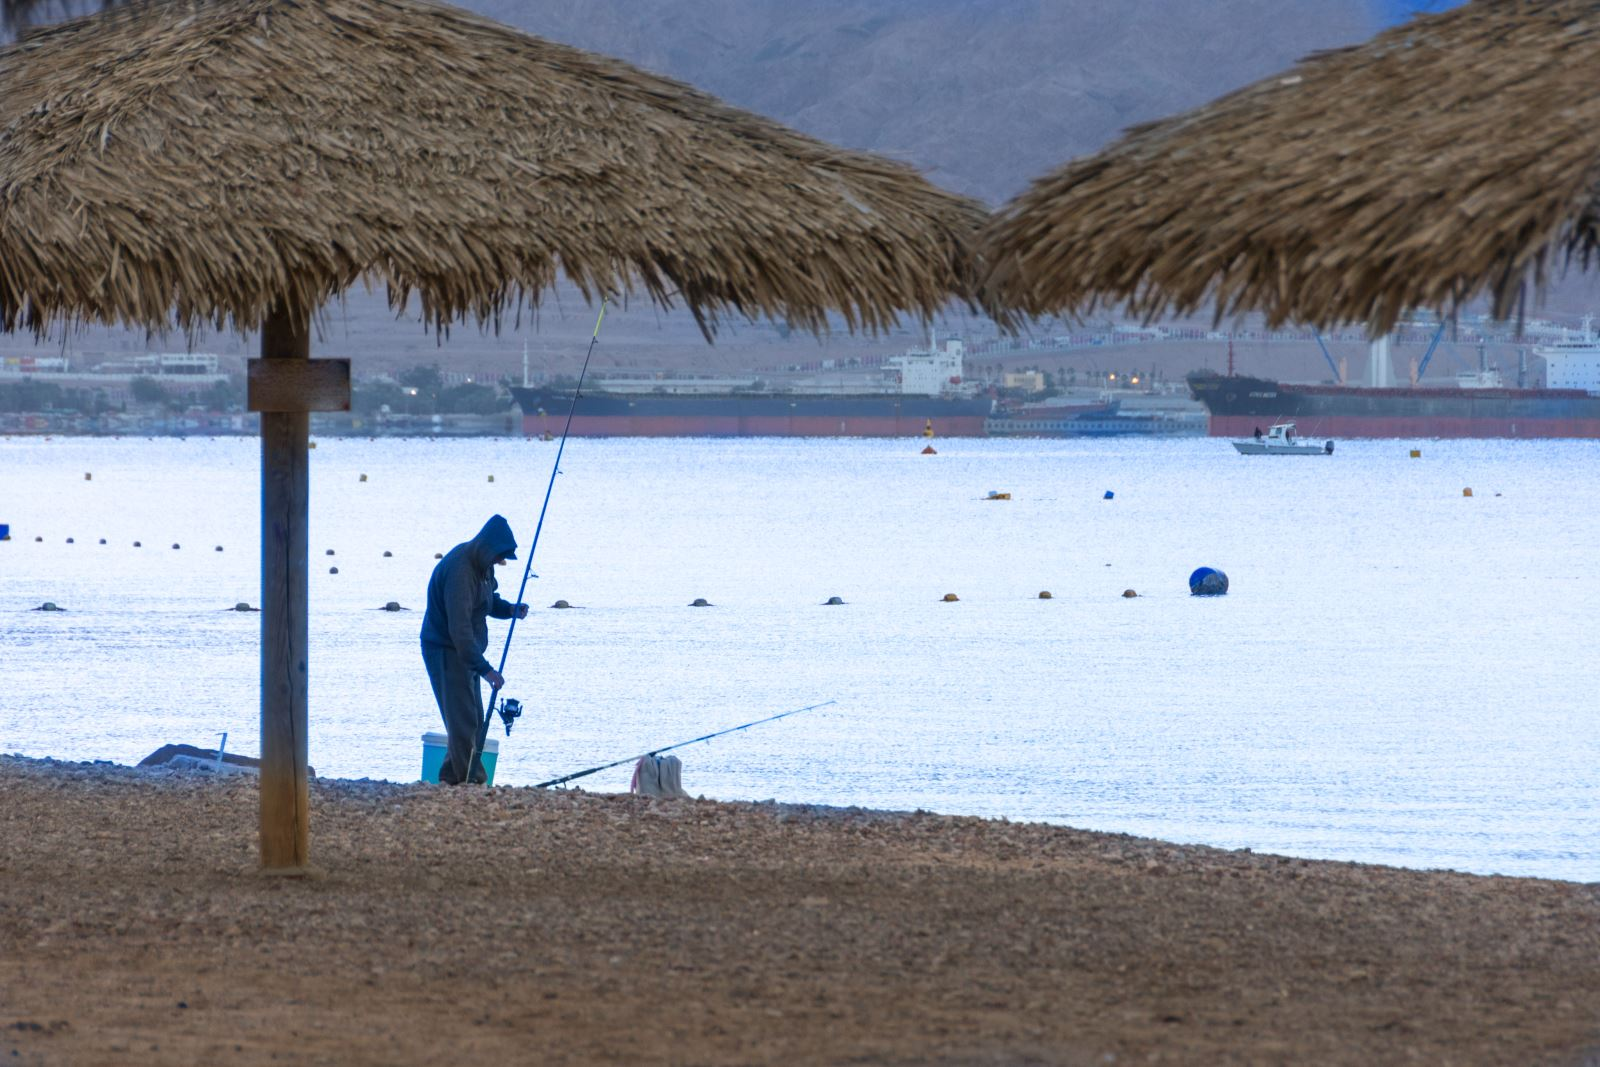 משרד החקלאות: אין איסור לשווק דגים שמקורם בבריכות דגים, בכנרת ובמפרץ אילת